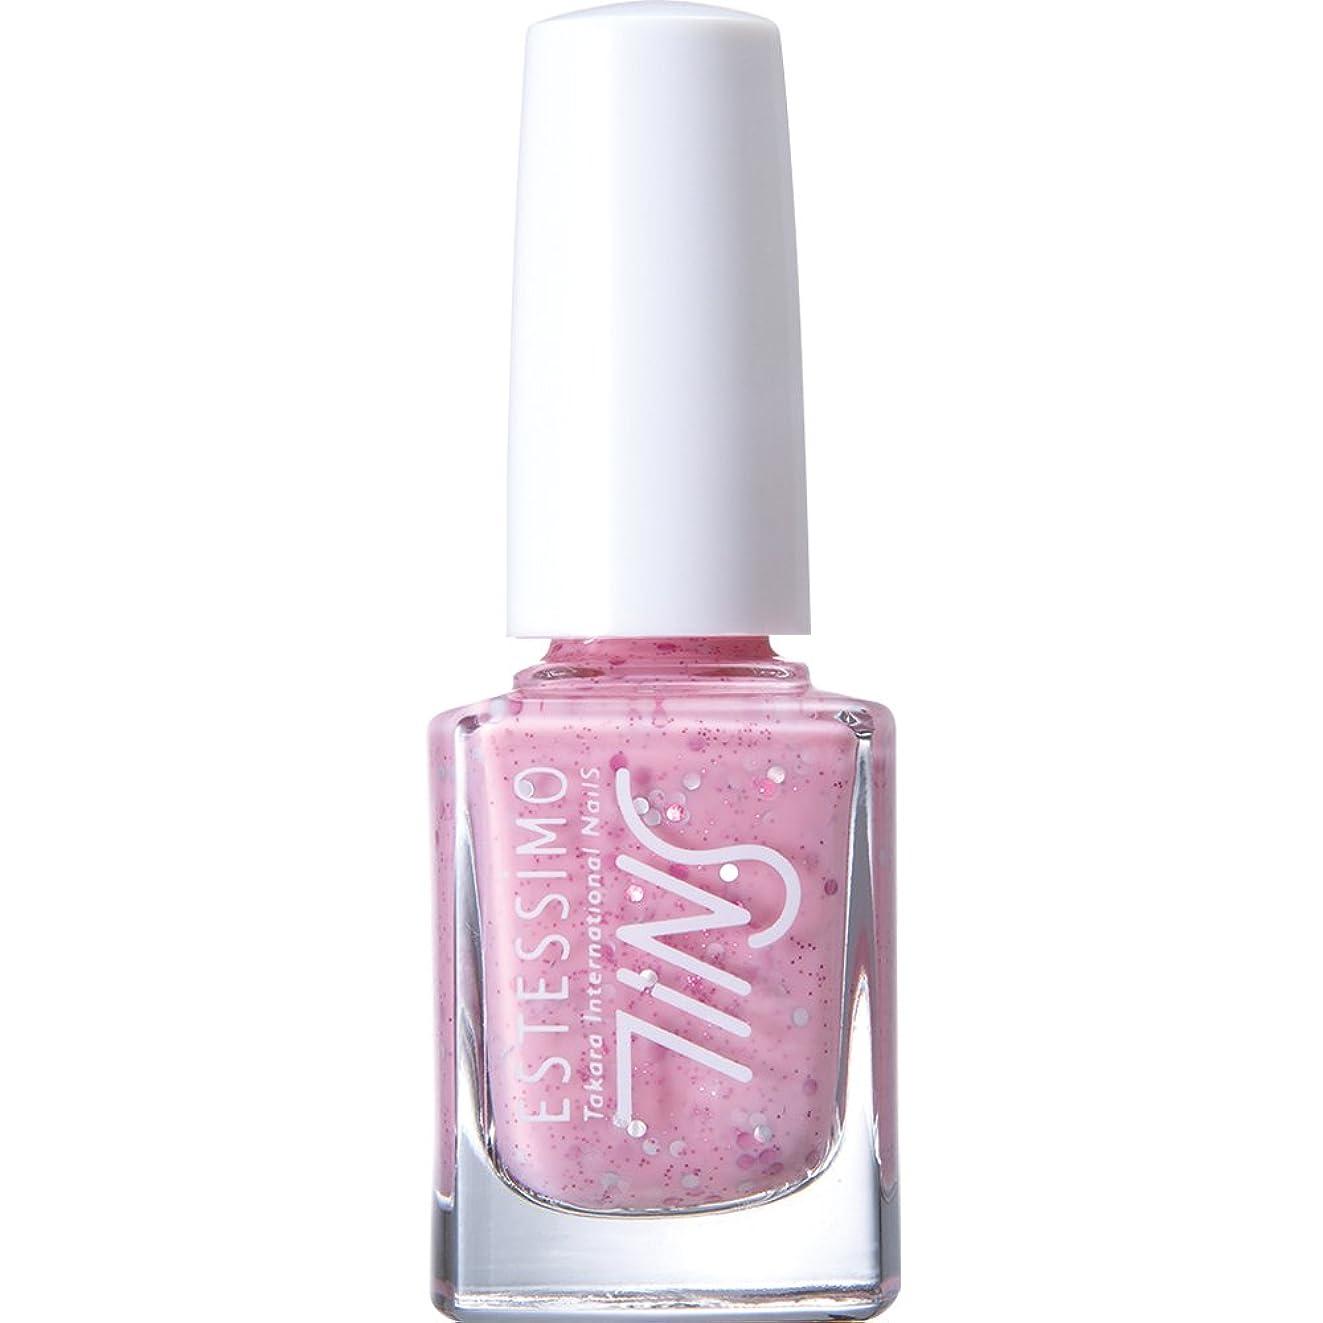 ポーチスズメバチ大腿TiNS カラー 802 コットンキャンディスムージー 11ml 2015年春の限定色「Sugarsprinkles! 」シリーズ カラーポリッシュ